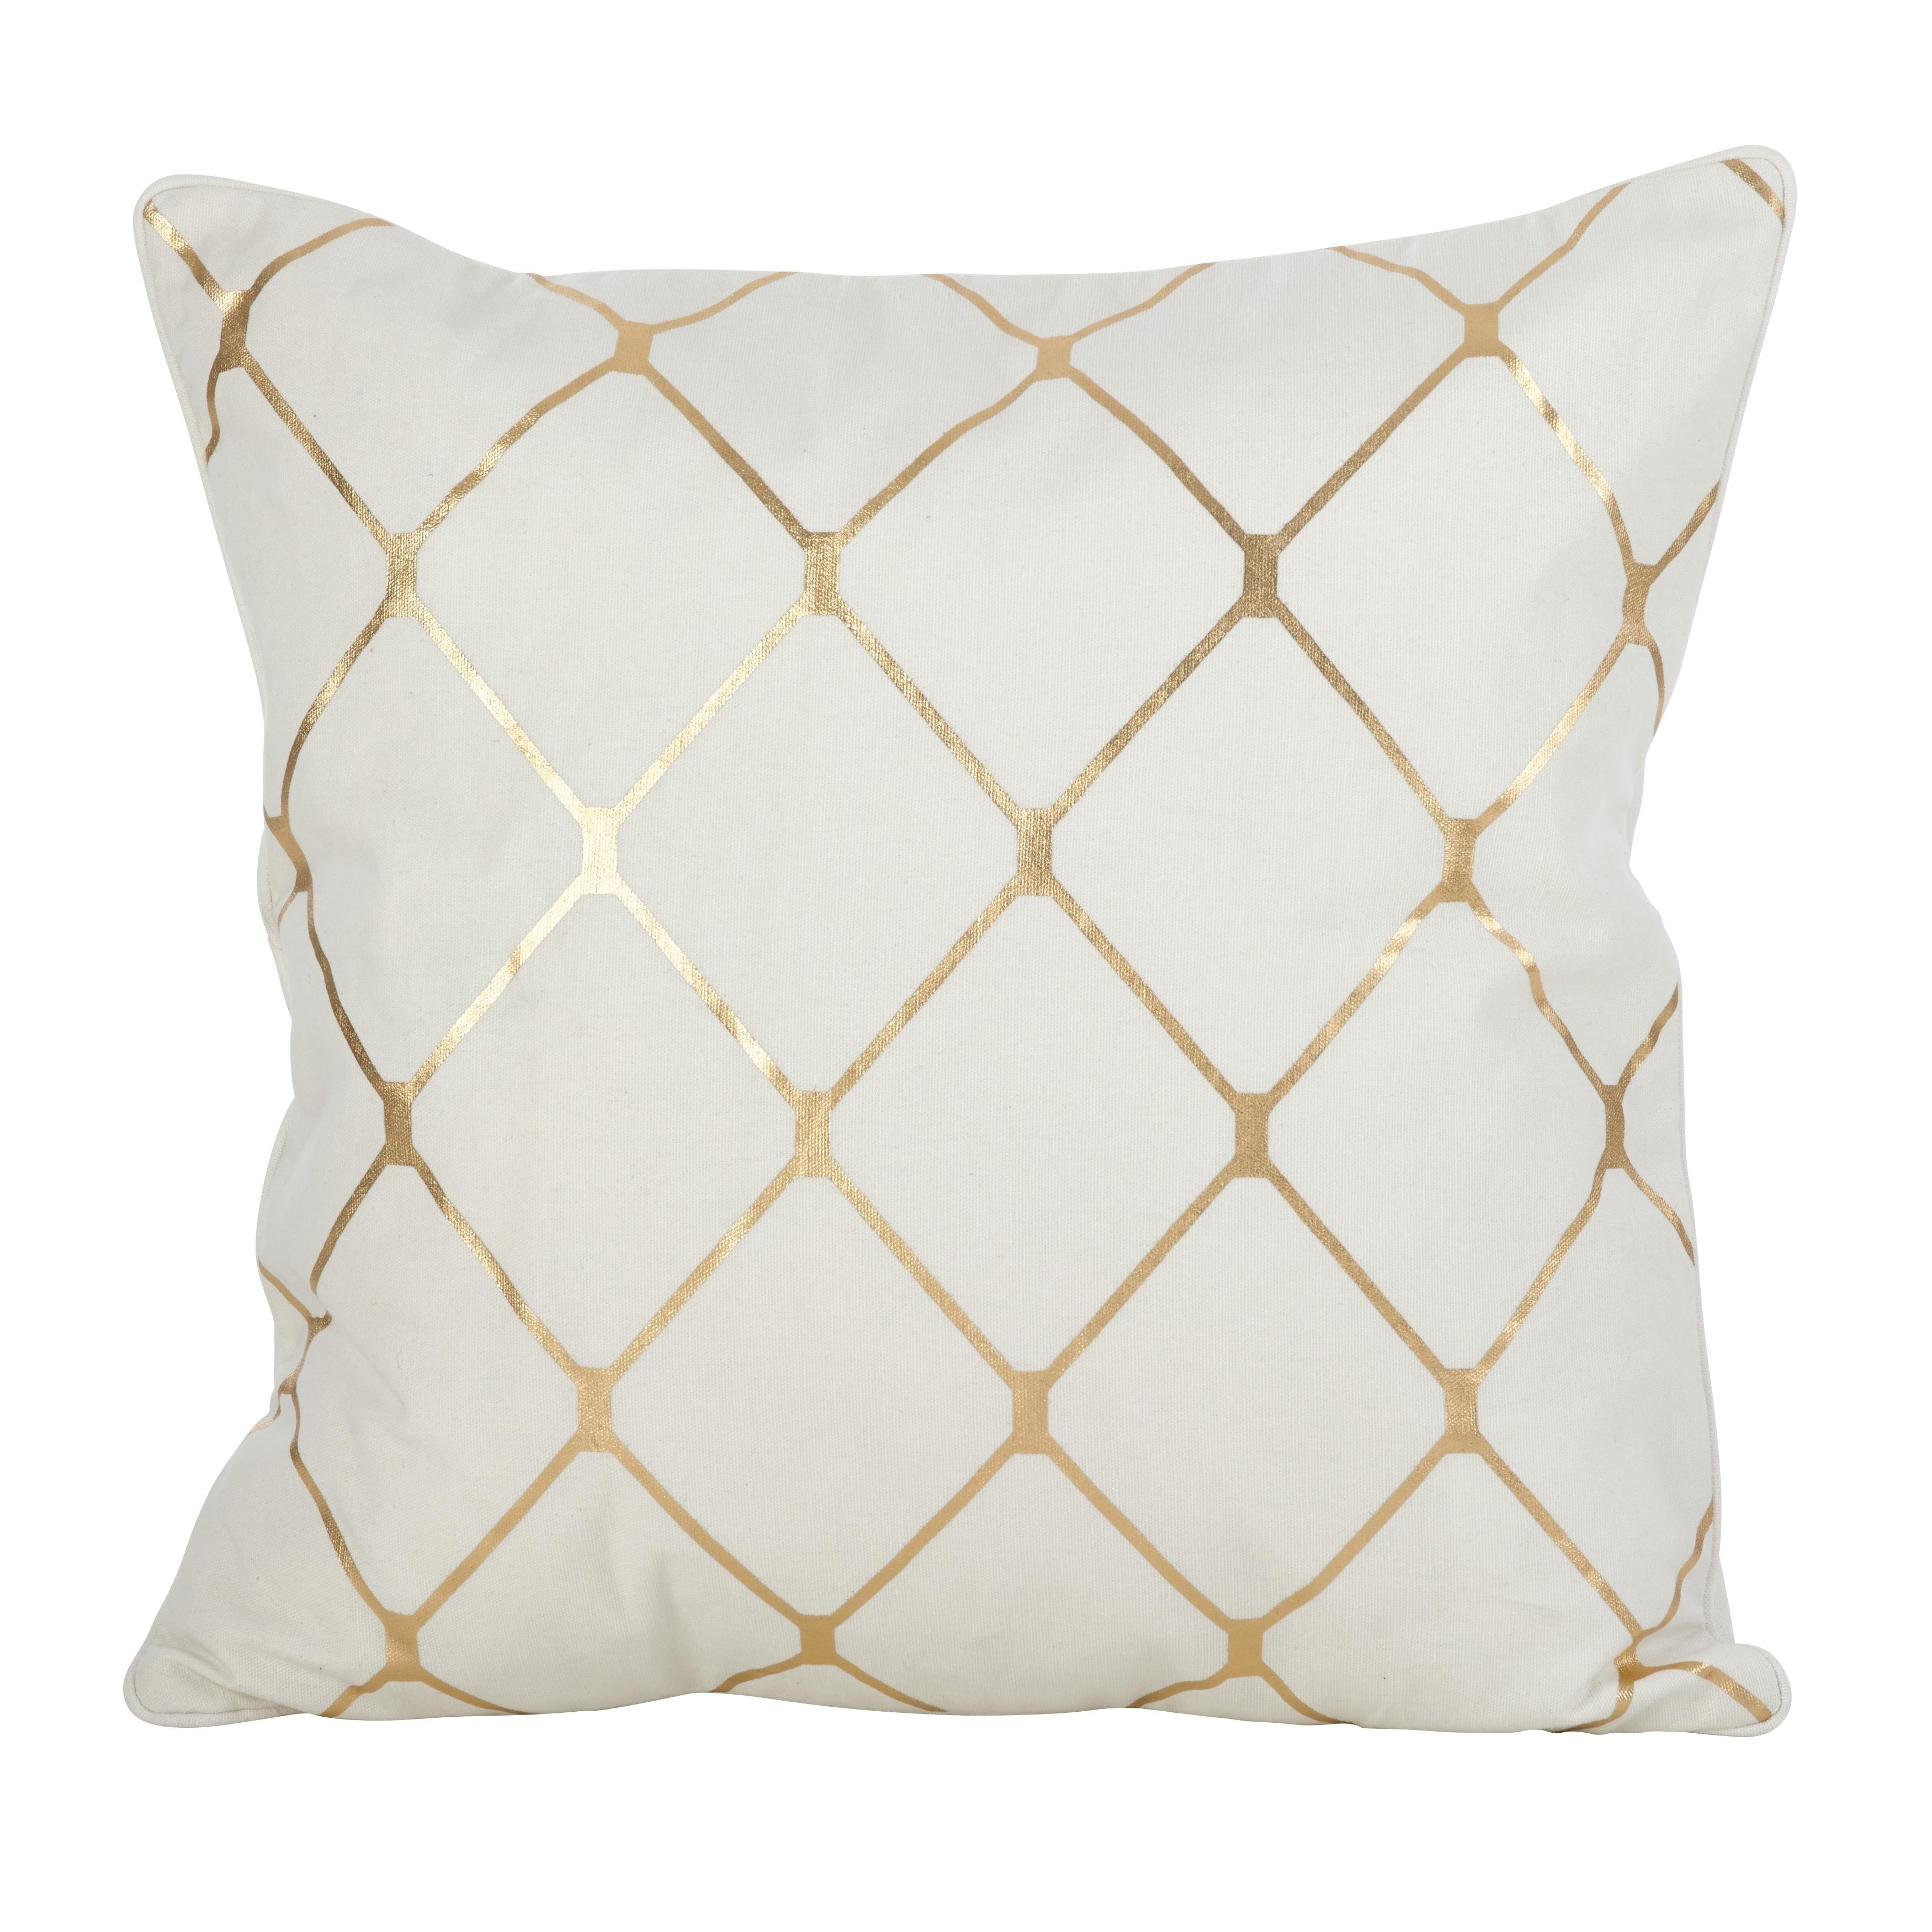 Saro Metallic Diamond Design Pillow-20inch (18 x 18 - Gol...